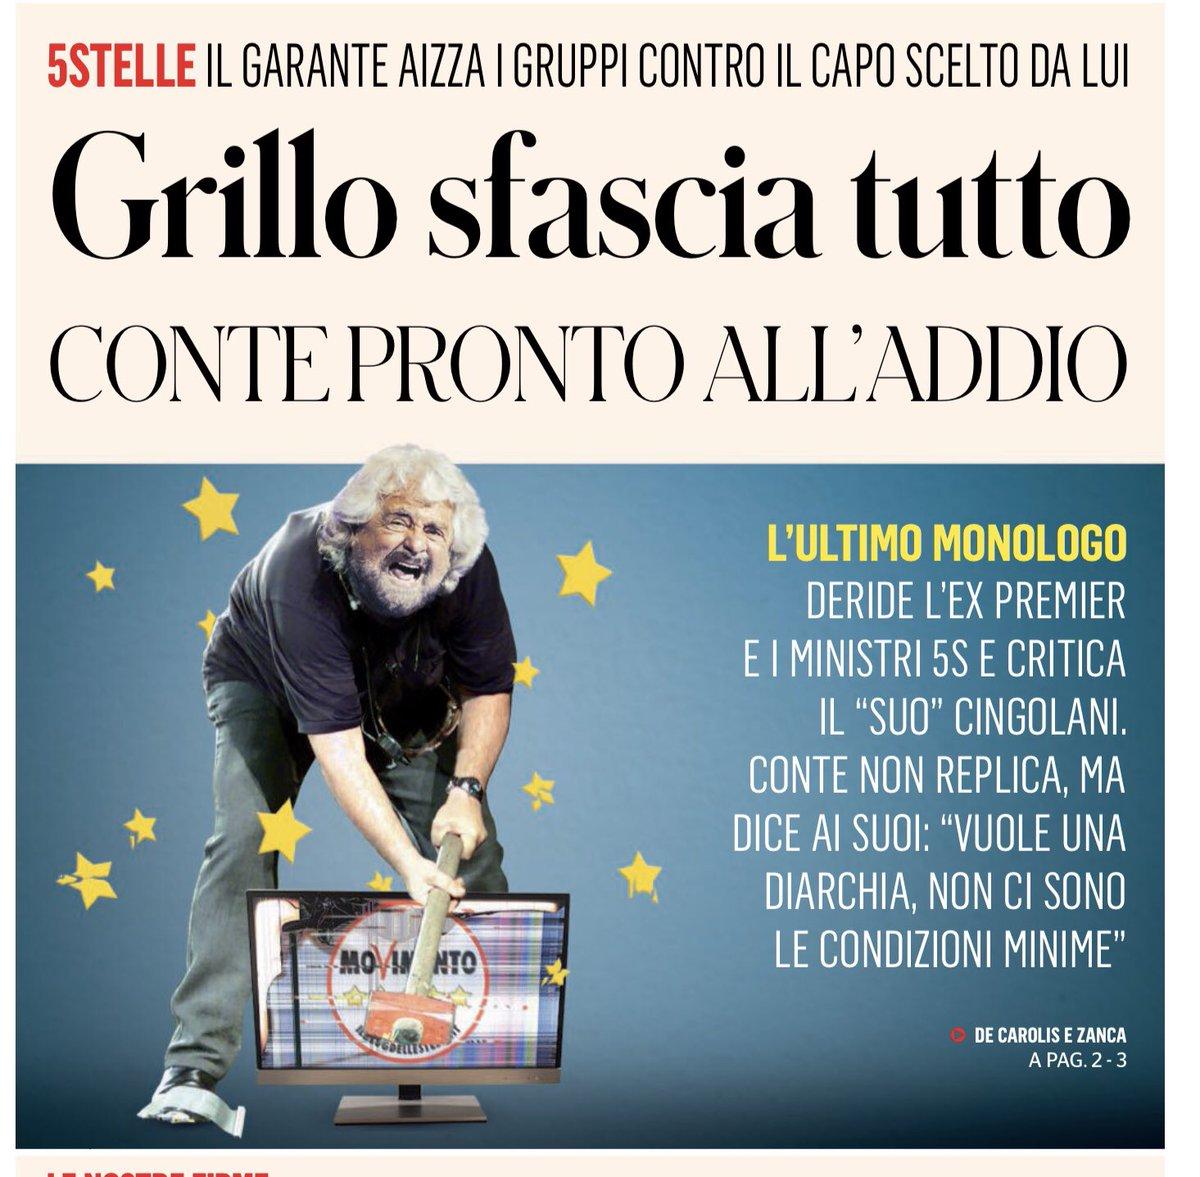 Grillo